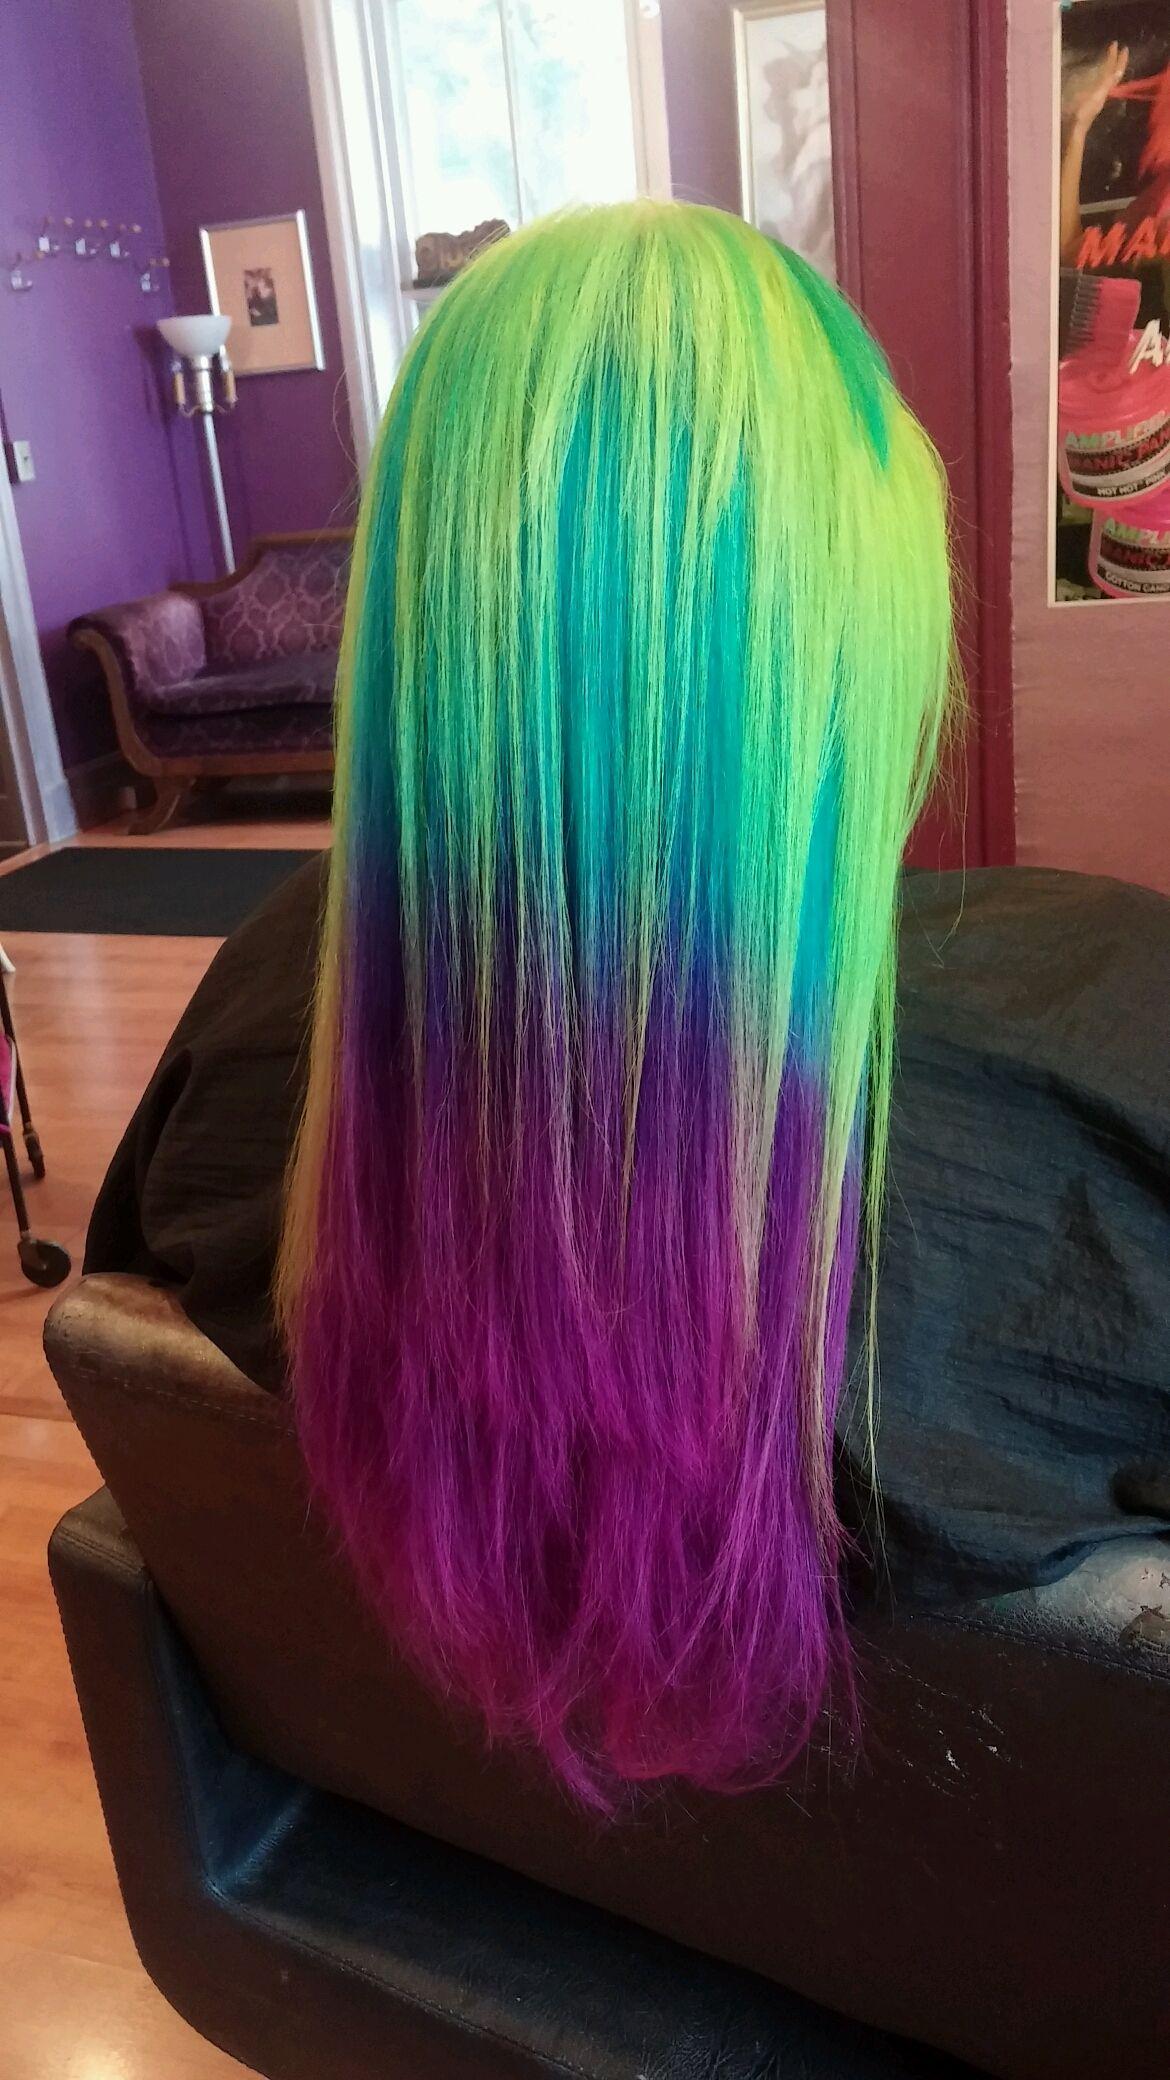 kasey 'hara hair